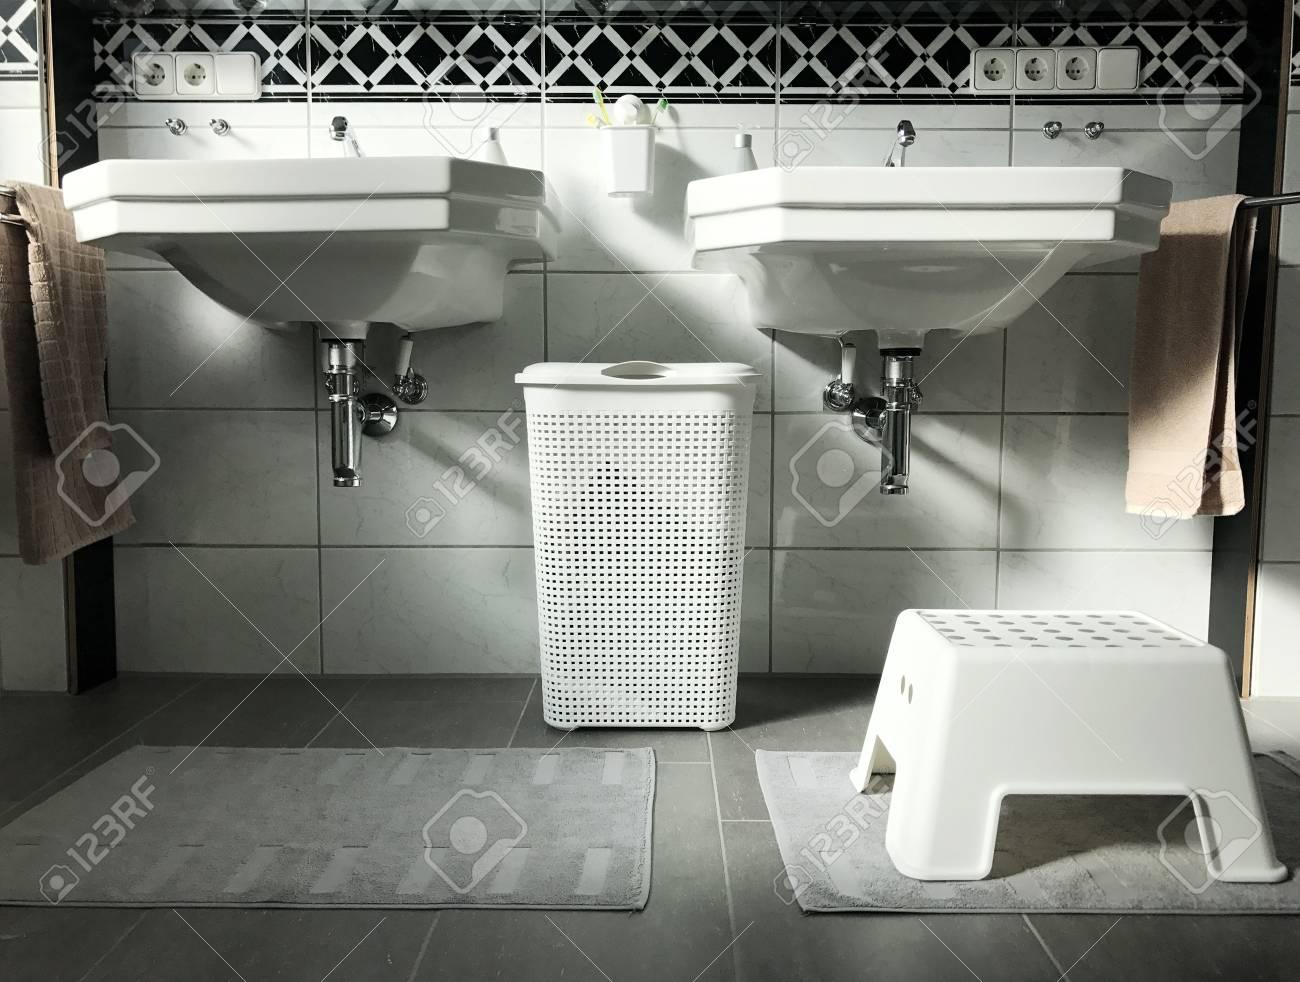 Sala Da Bagno Moderna : Interiore della stanza da bagno moderna in bianco e nero con due